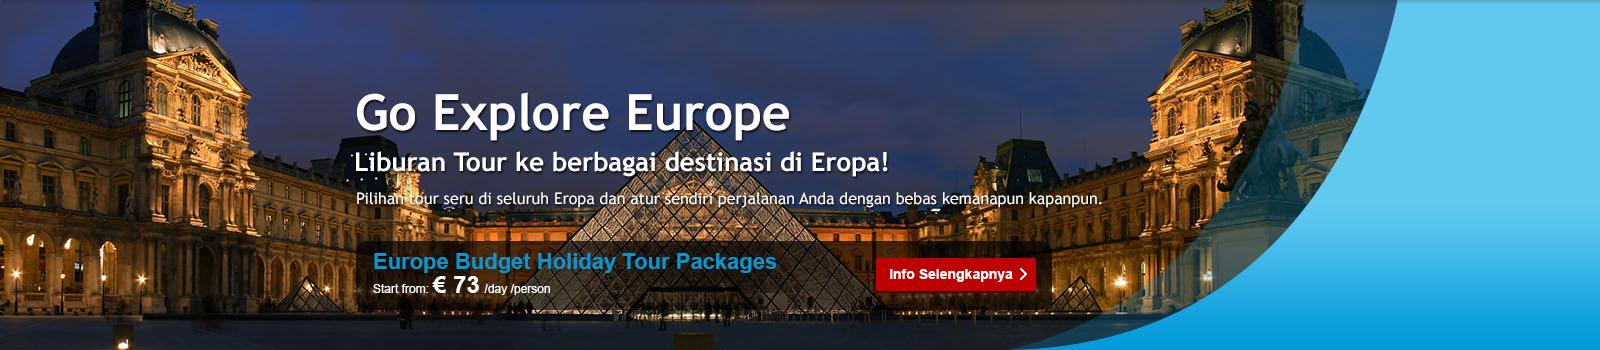 Go Explore Europe